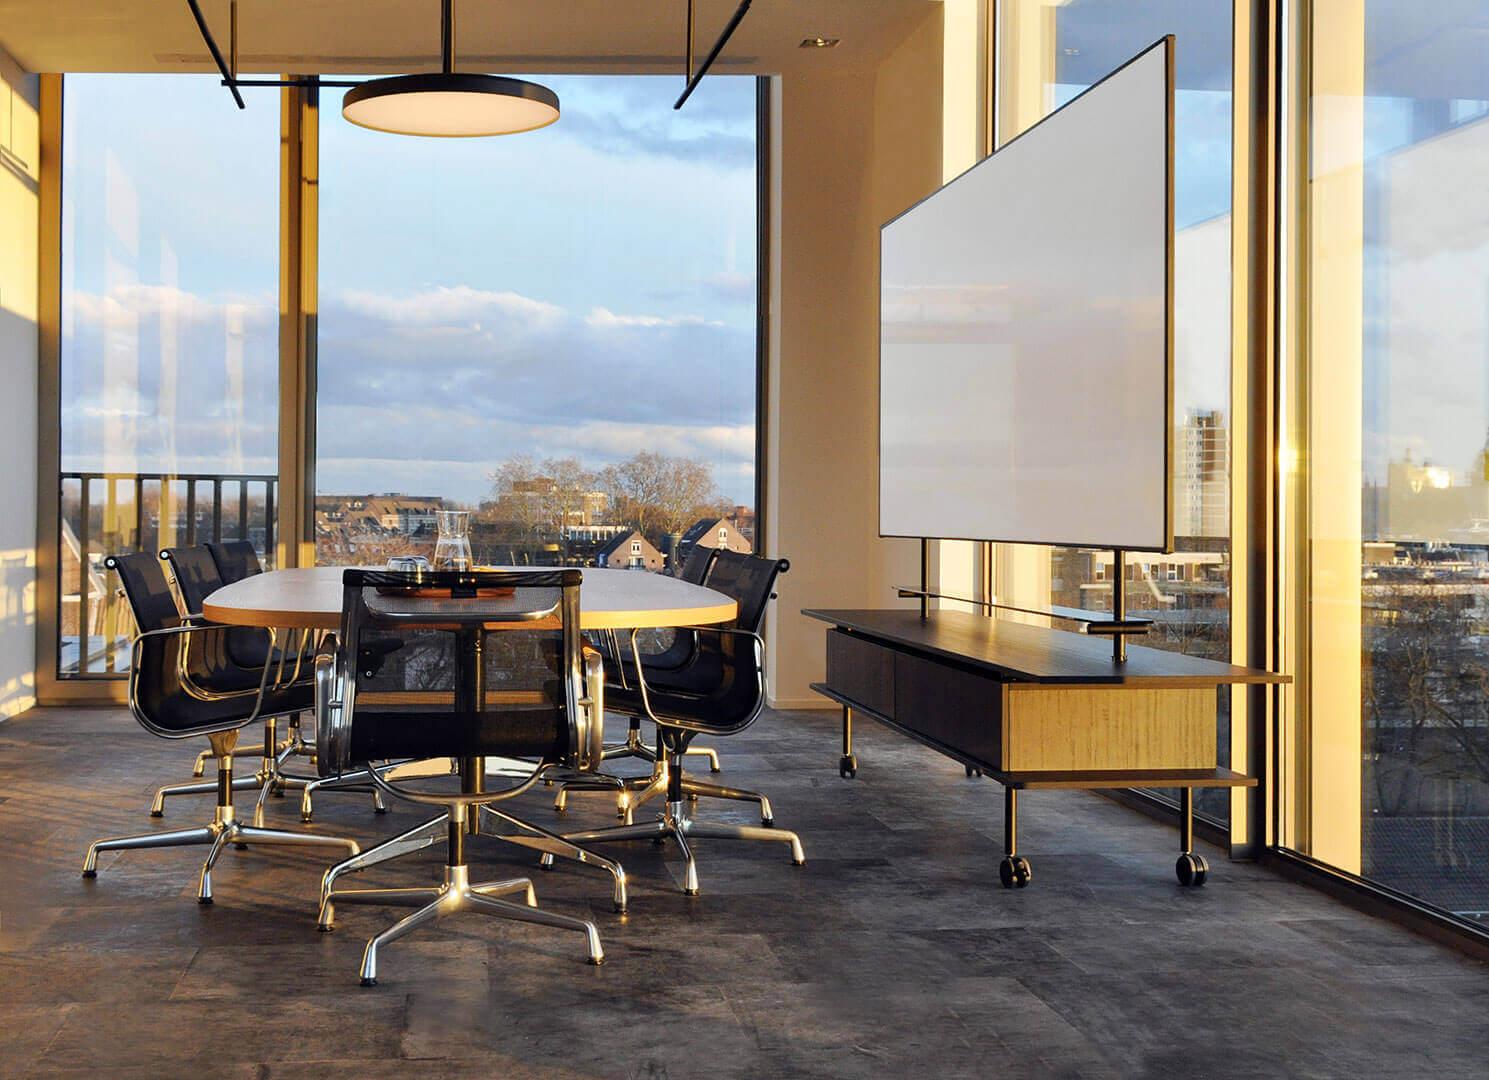 Whiteboard meubel-ontwerp voor de mooiste interieurs